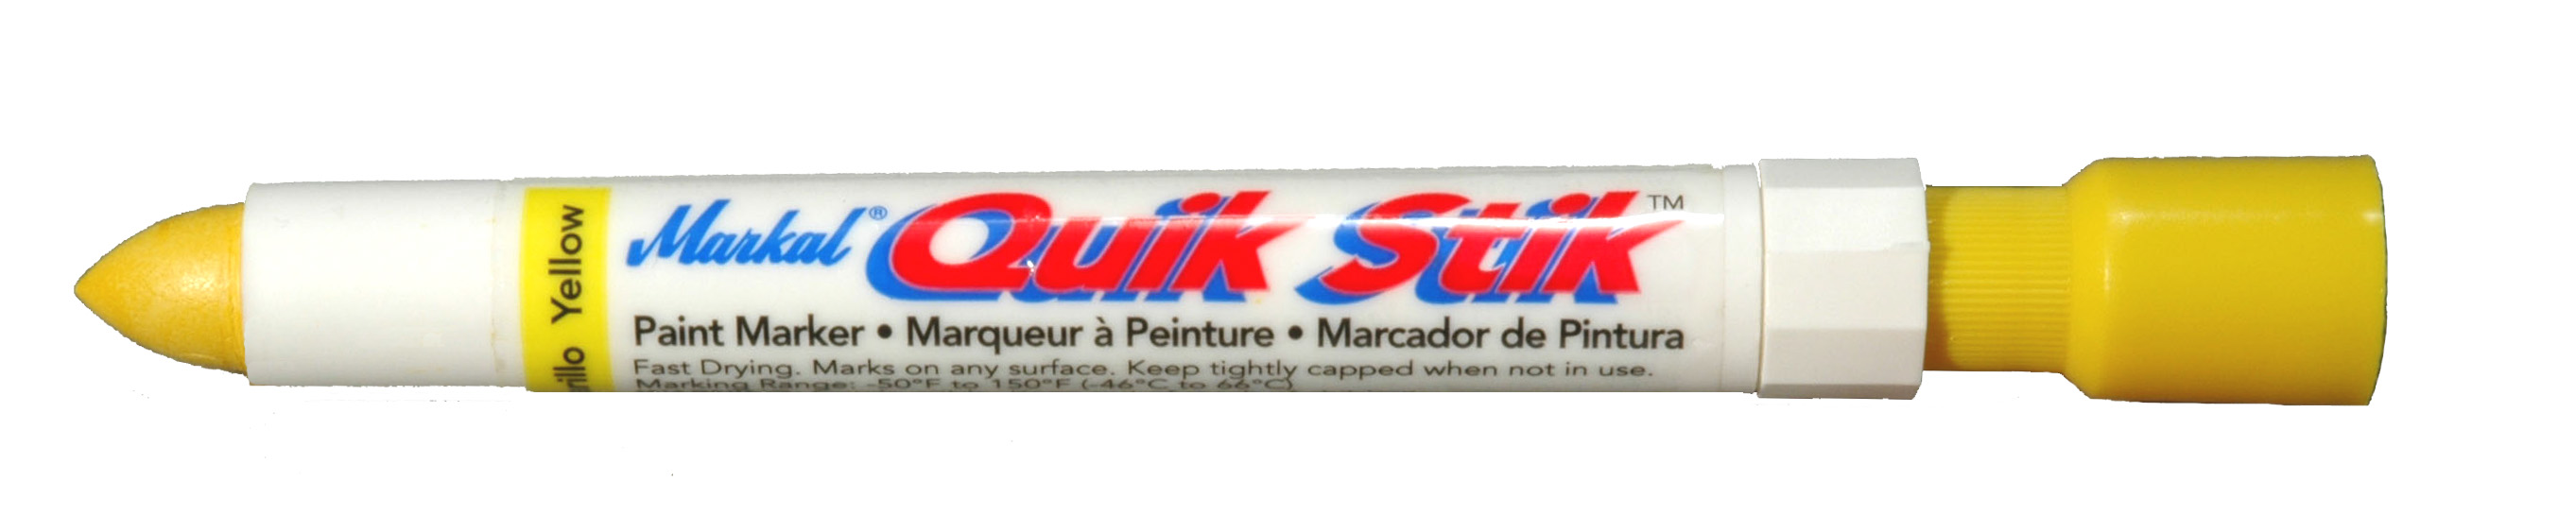 Markal Quik Stik Paint Marker - Red